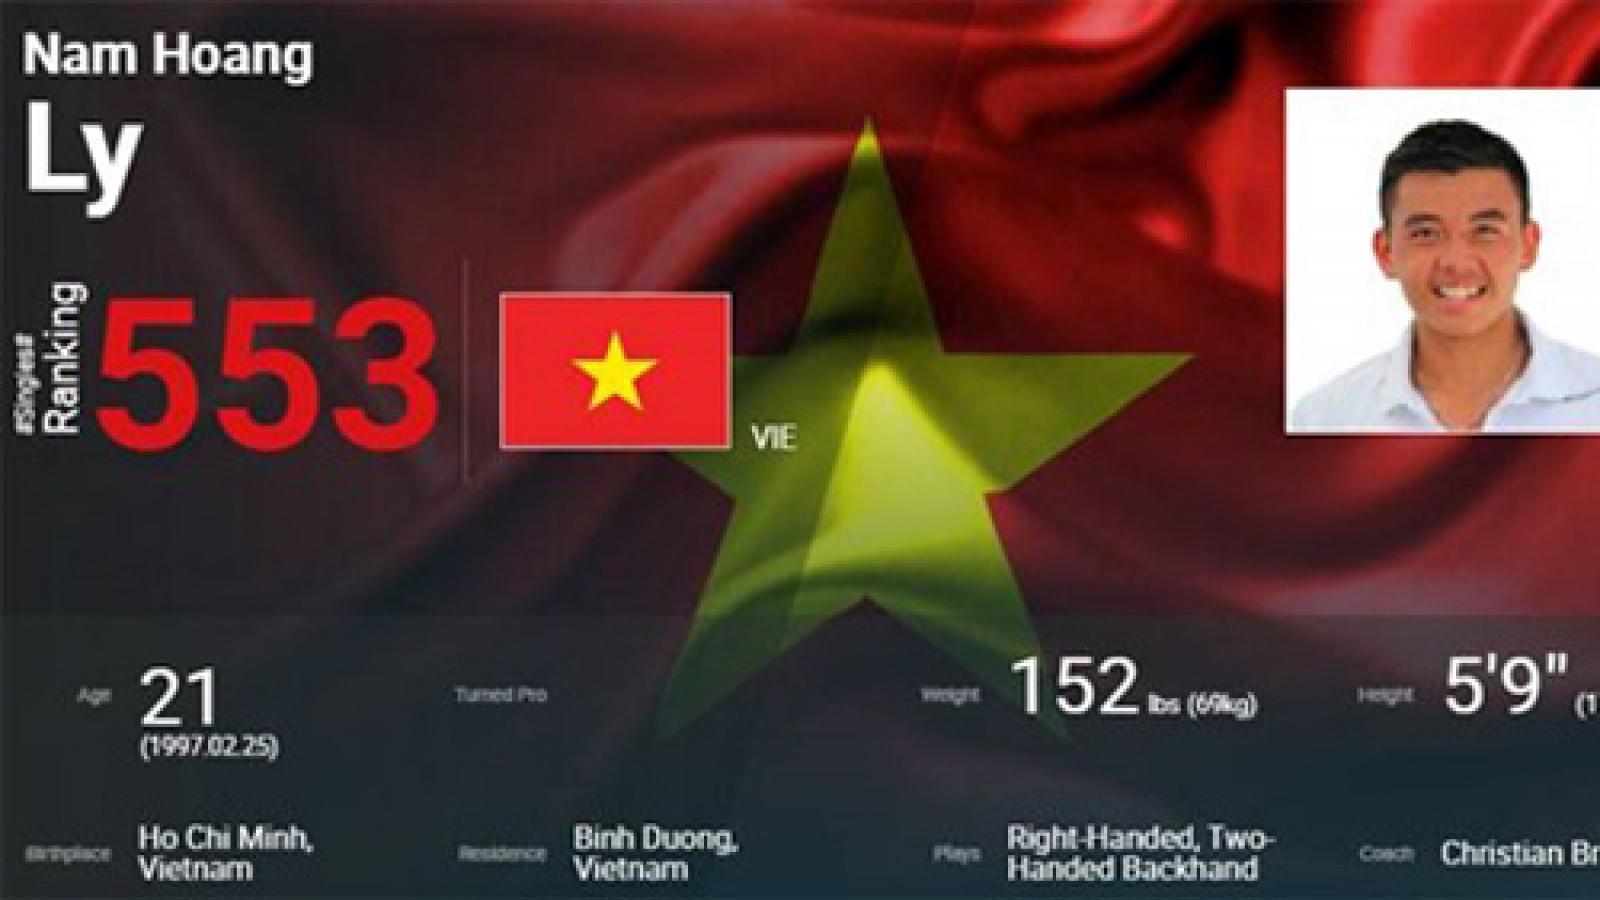 Ly Hoang Nam falls to No. 553 in ATP ranking